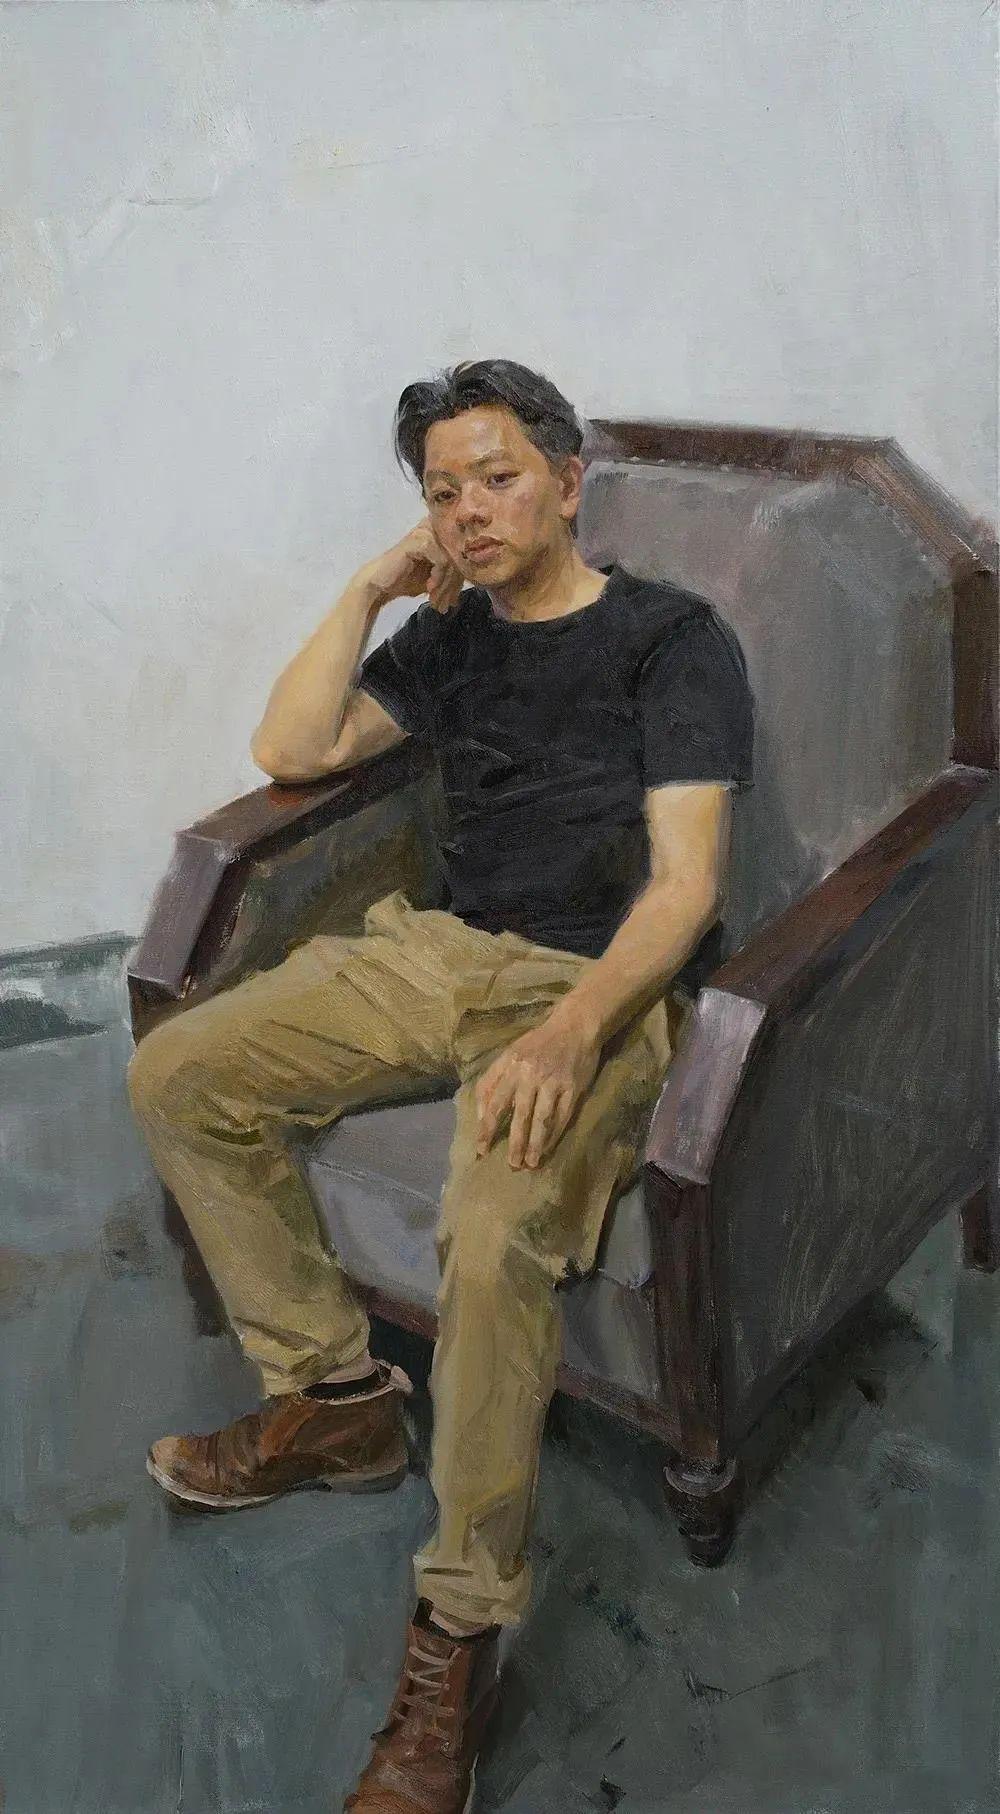 中国当代绘画艺术展作品欣赏之 何红舟插图9